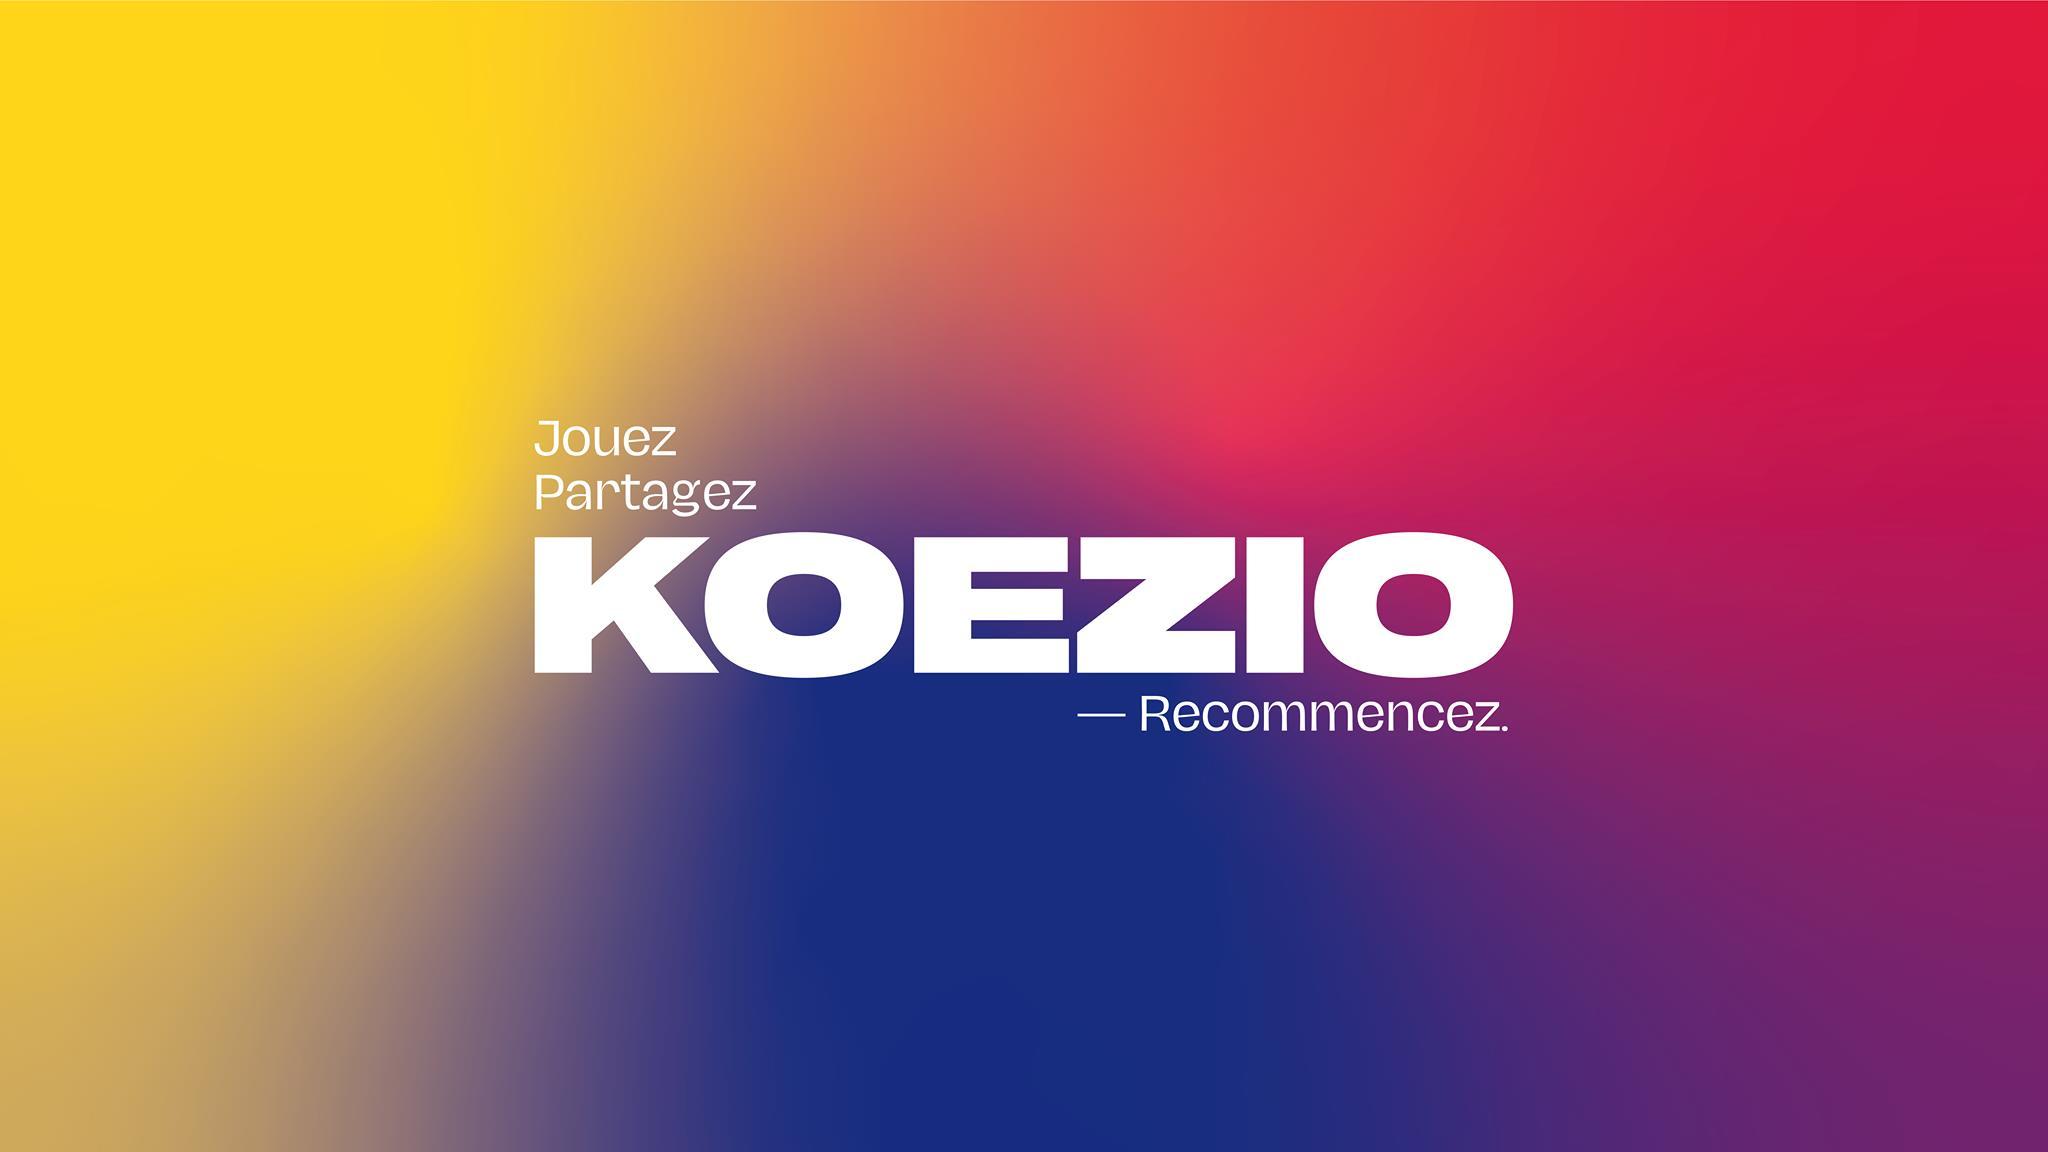 Image Koezio - Villeneuve d'Ascq